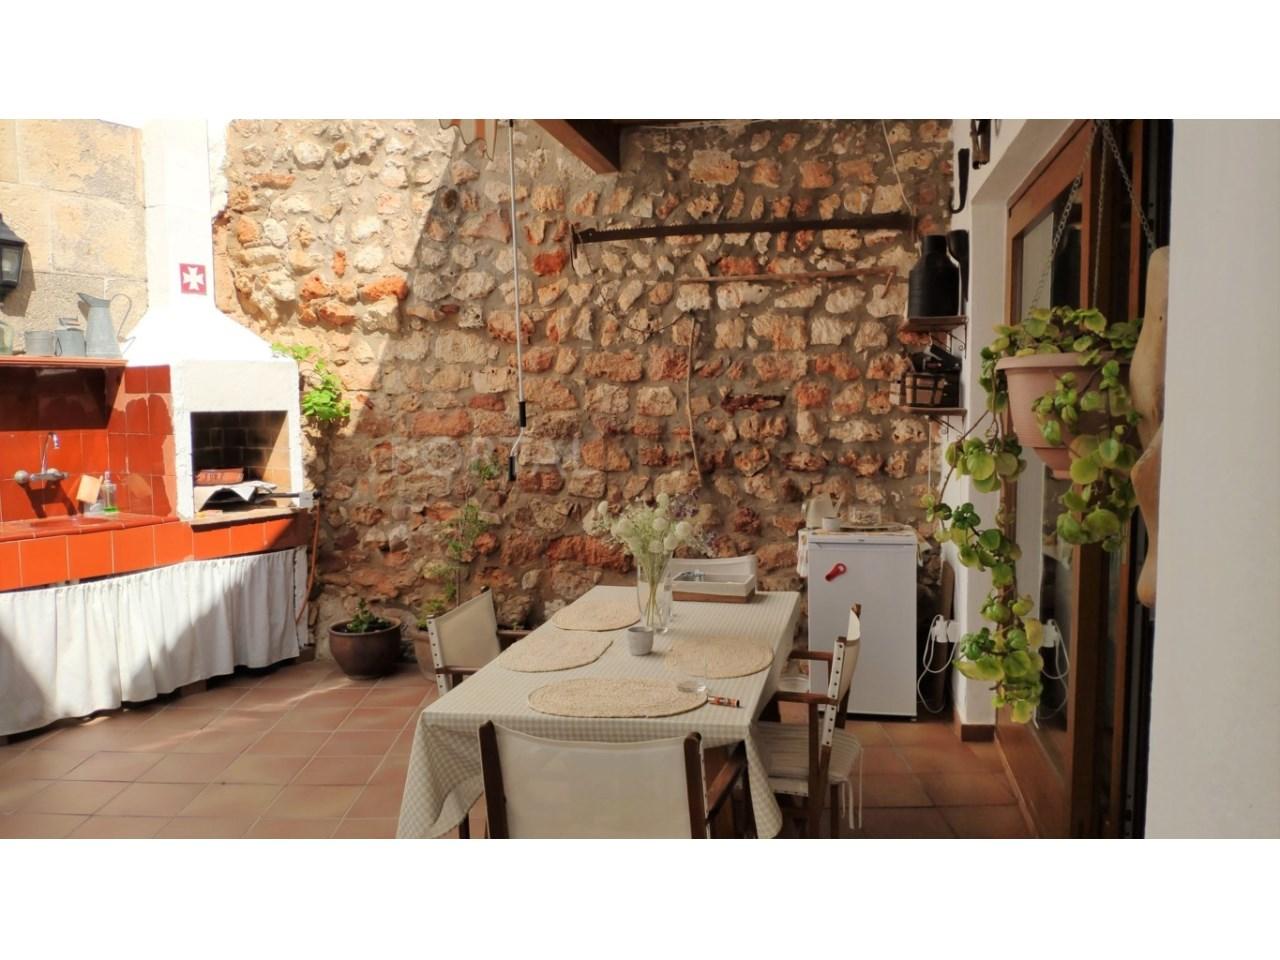 Casa con patio en venta en el casco histórico de Ciutadella - patio 5